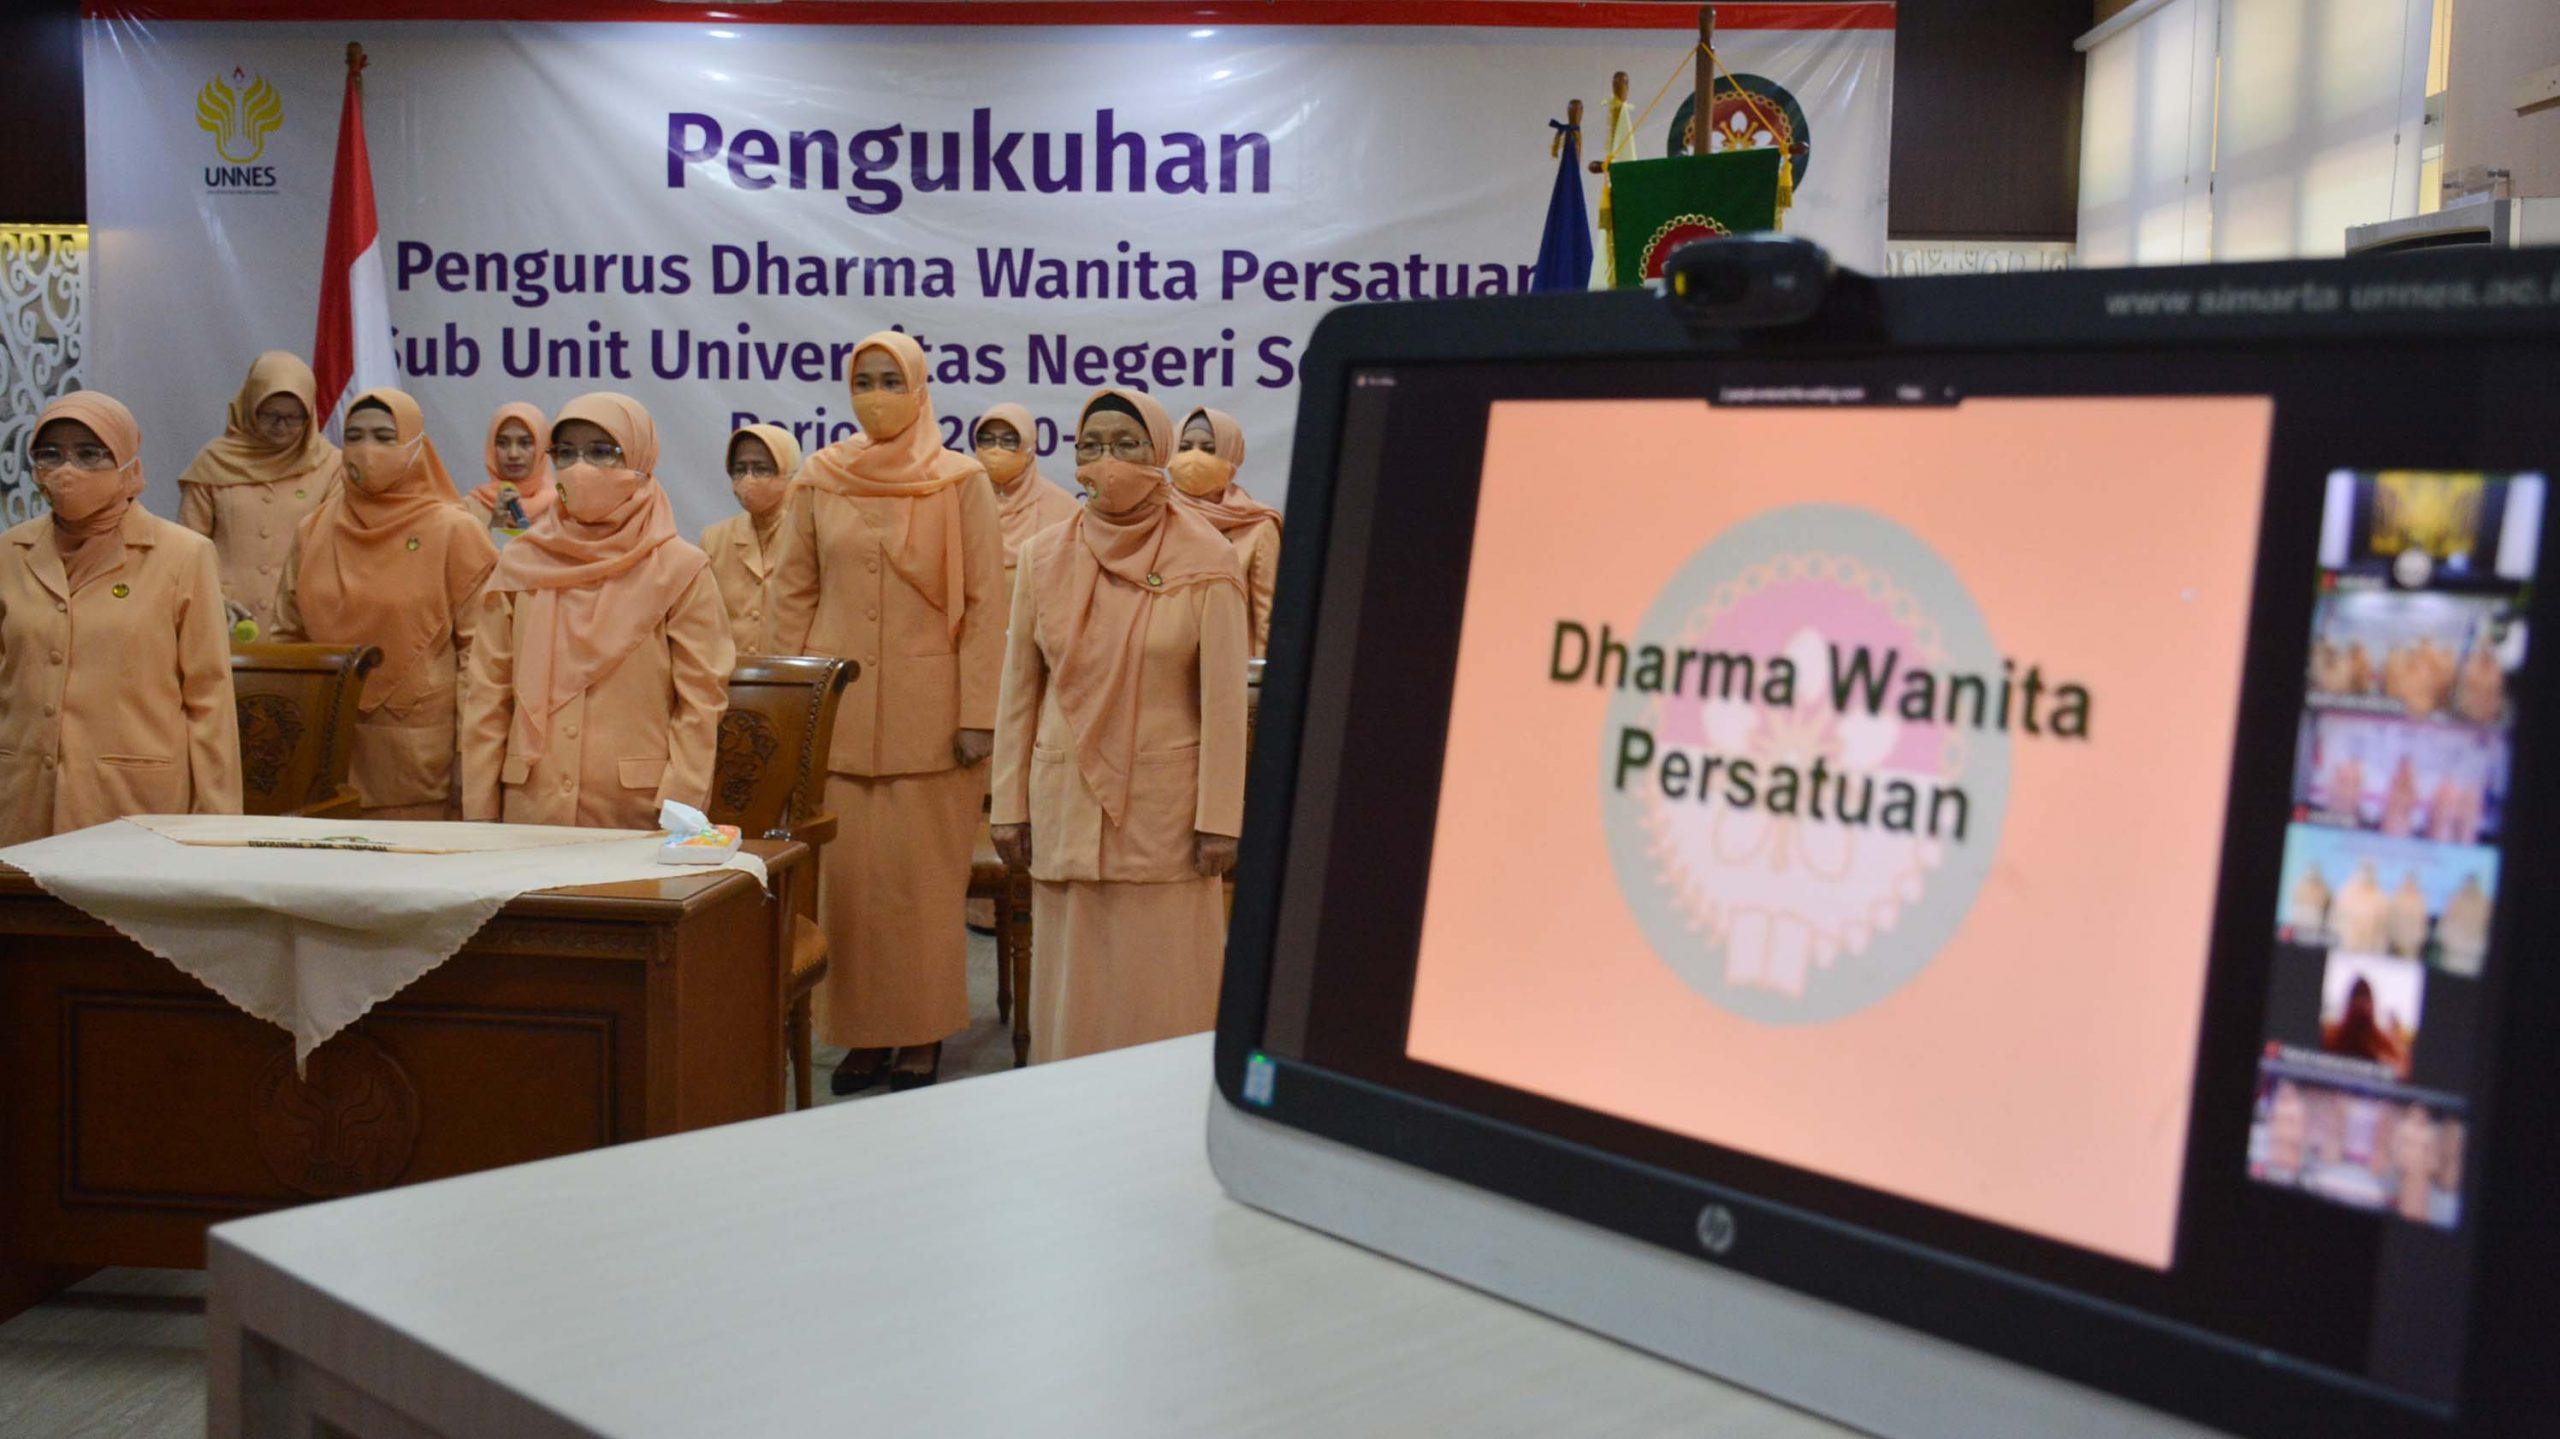 Ketua DWP  Mengukuhkan  DWP Sub Unit Di Lingkungan UNNES